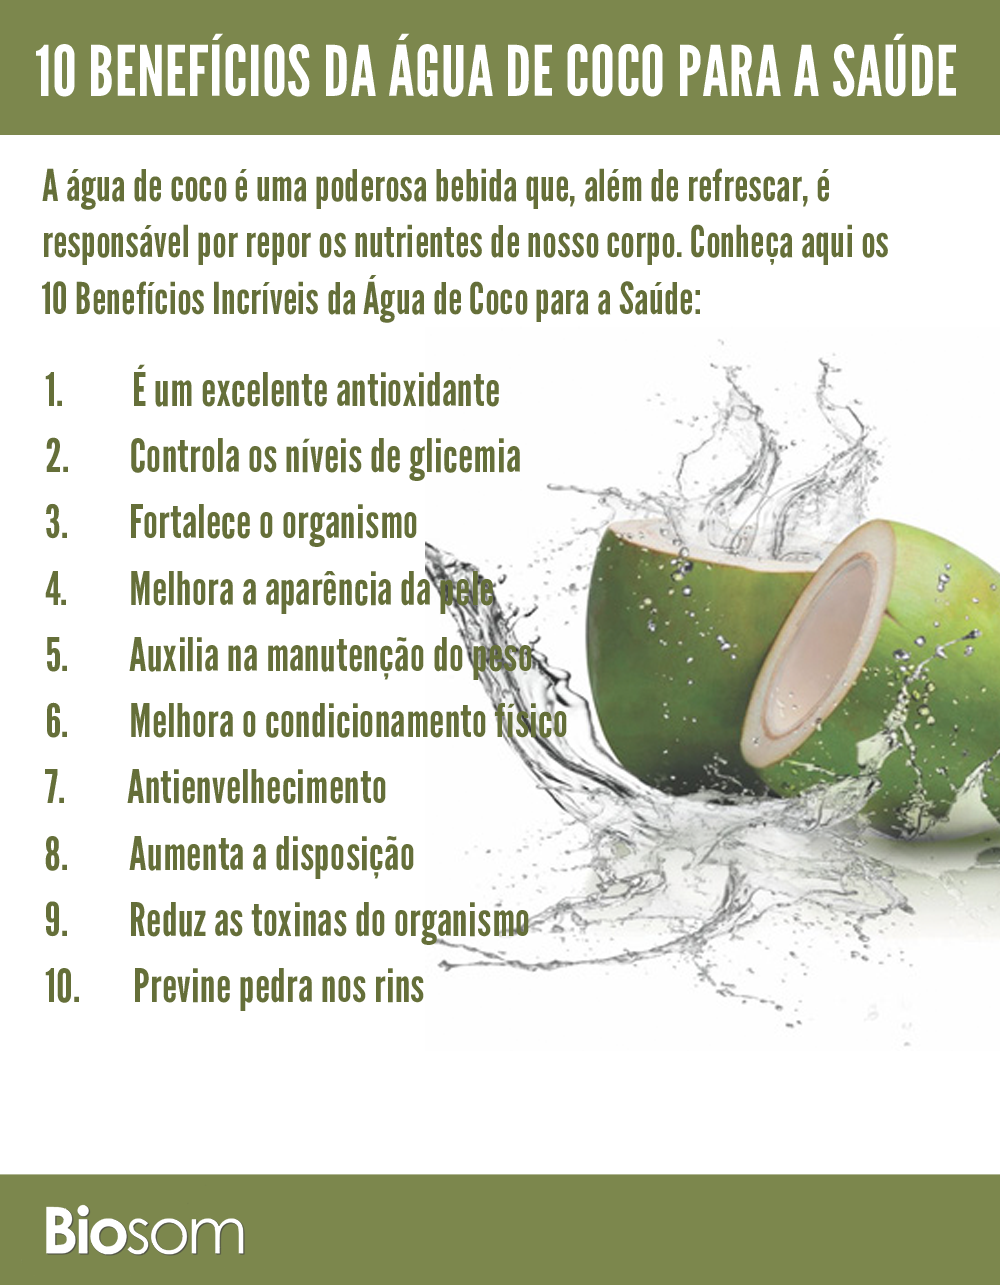 10 Benefícios Incríveis da Água de Coco para a Saúde